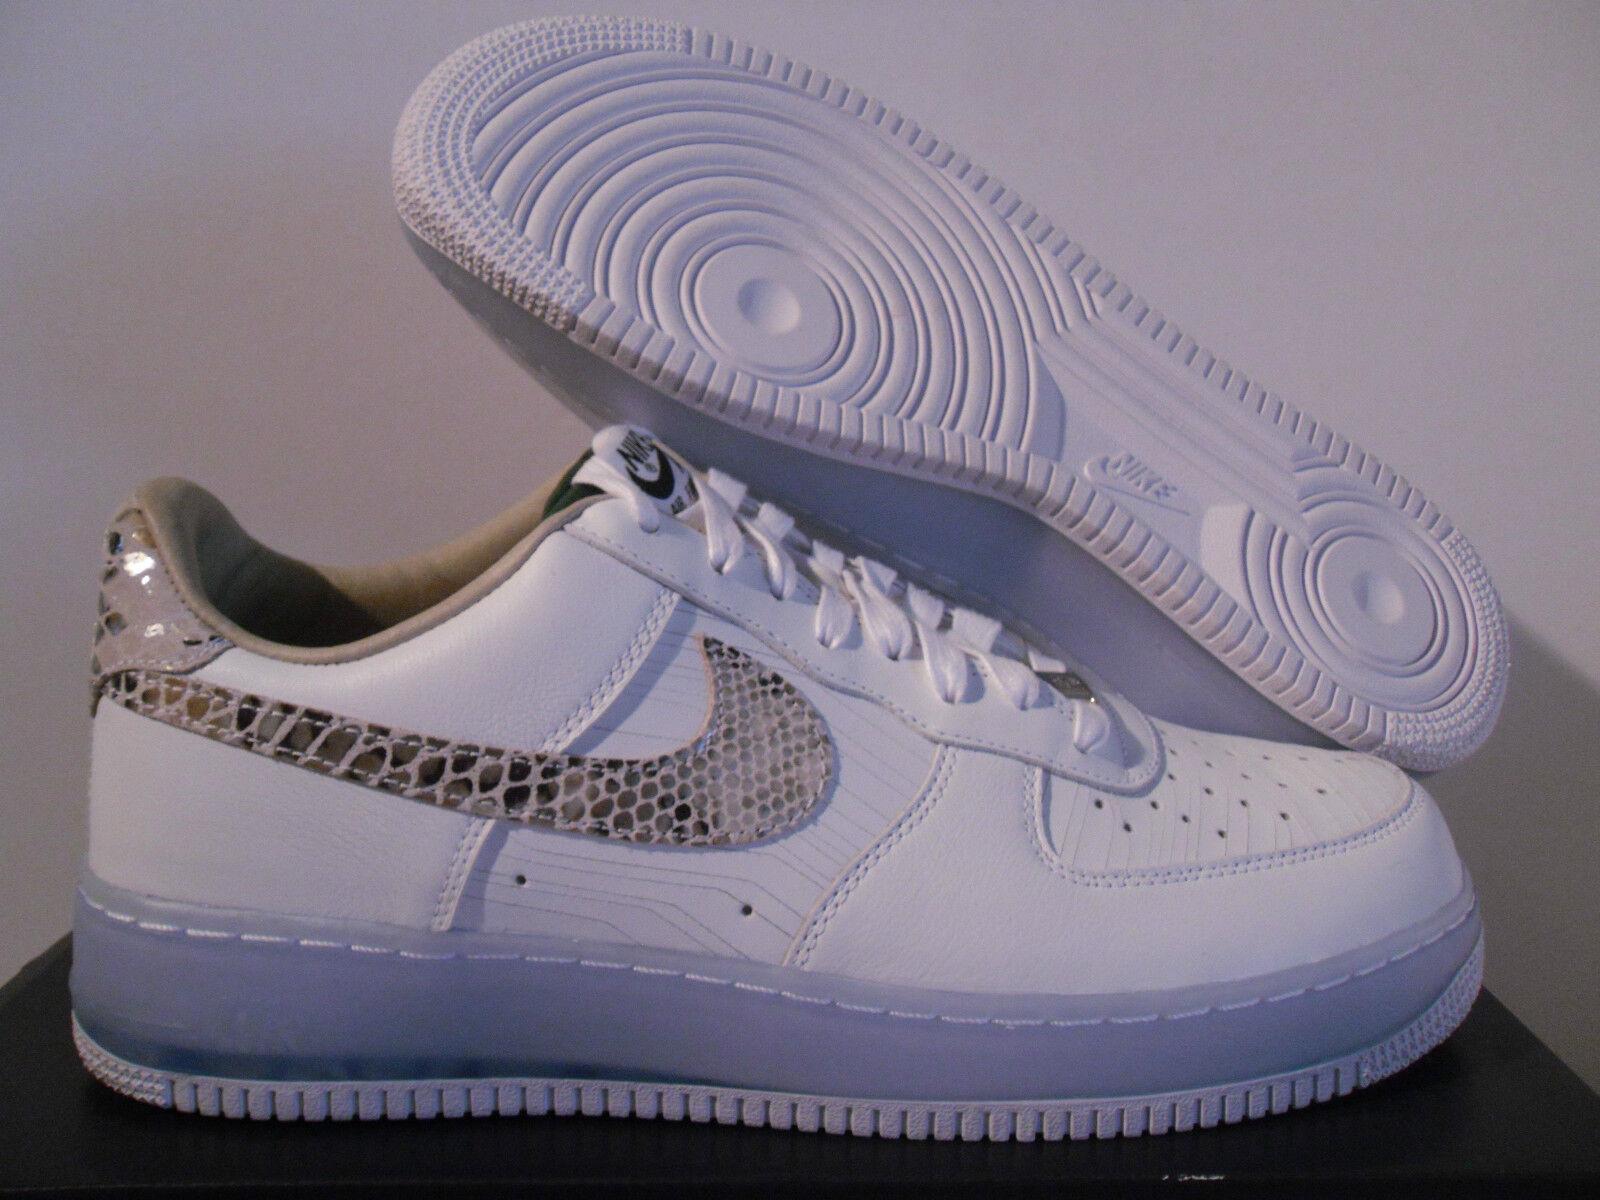 Nike edición Air Force 1 bajas edición Nike Premium CMFT Qs Brasil Talle 13 Raro!!! [635272-100] da30aa